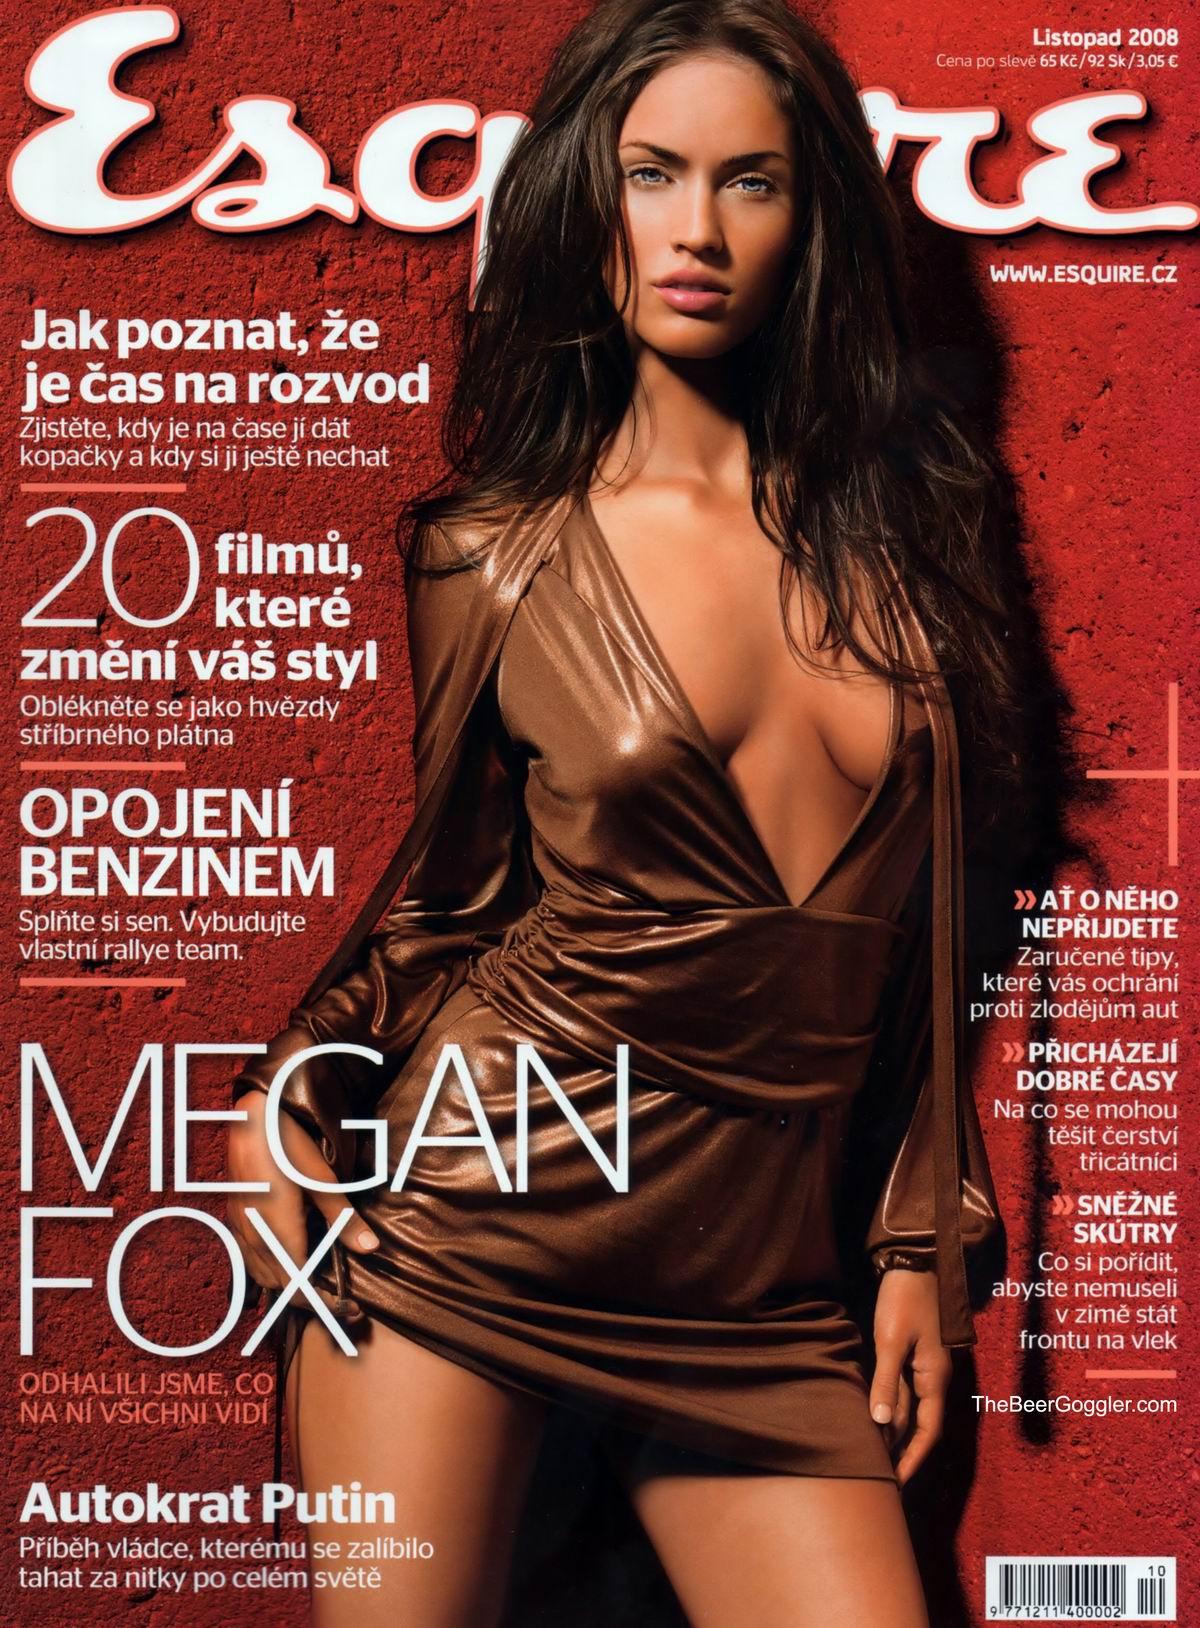 Меган Фок� megan fox �о�о в ж��нале esquire Че�ия